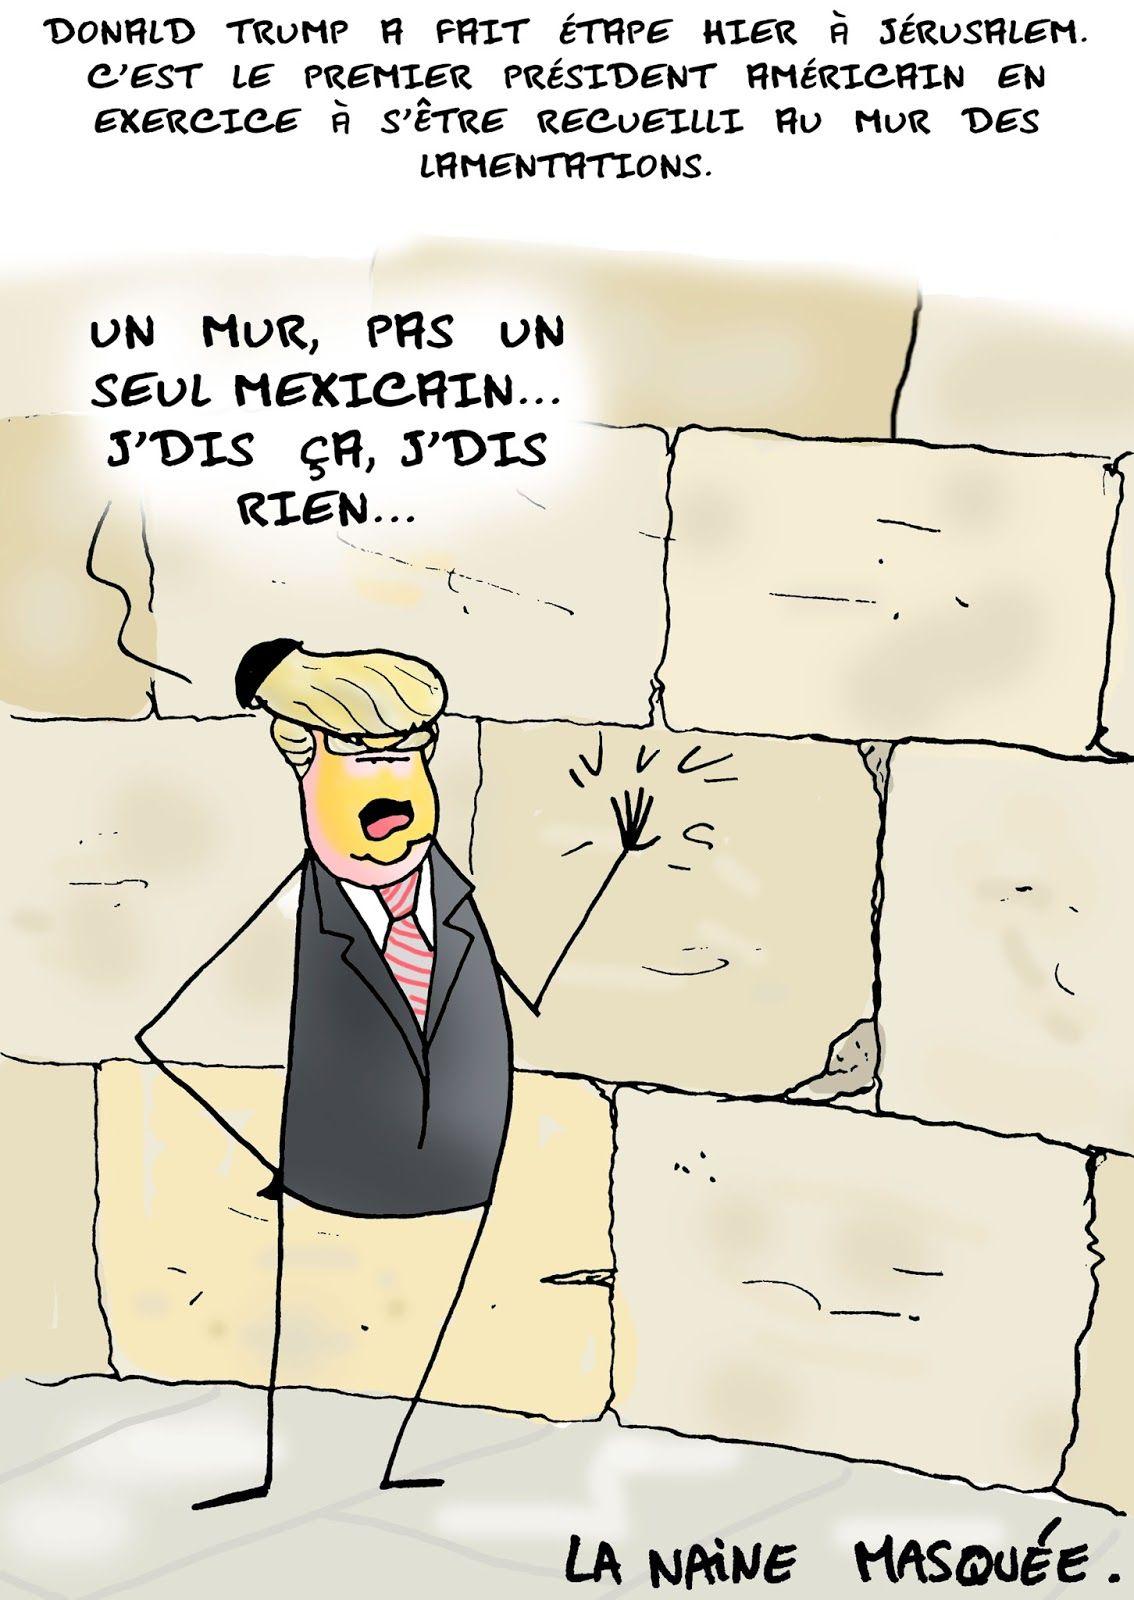 La Naine Masquee 2017 05 23 Usa Trump Mur Des Lamentations